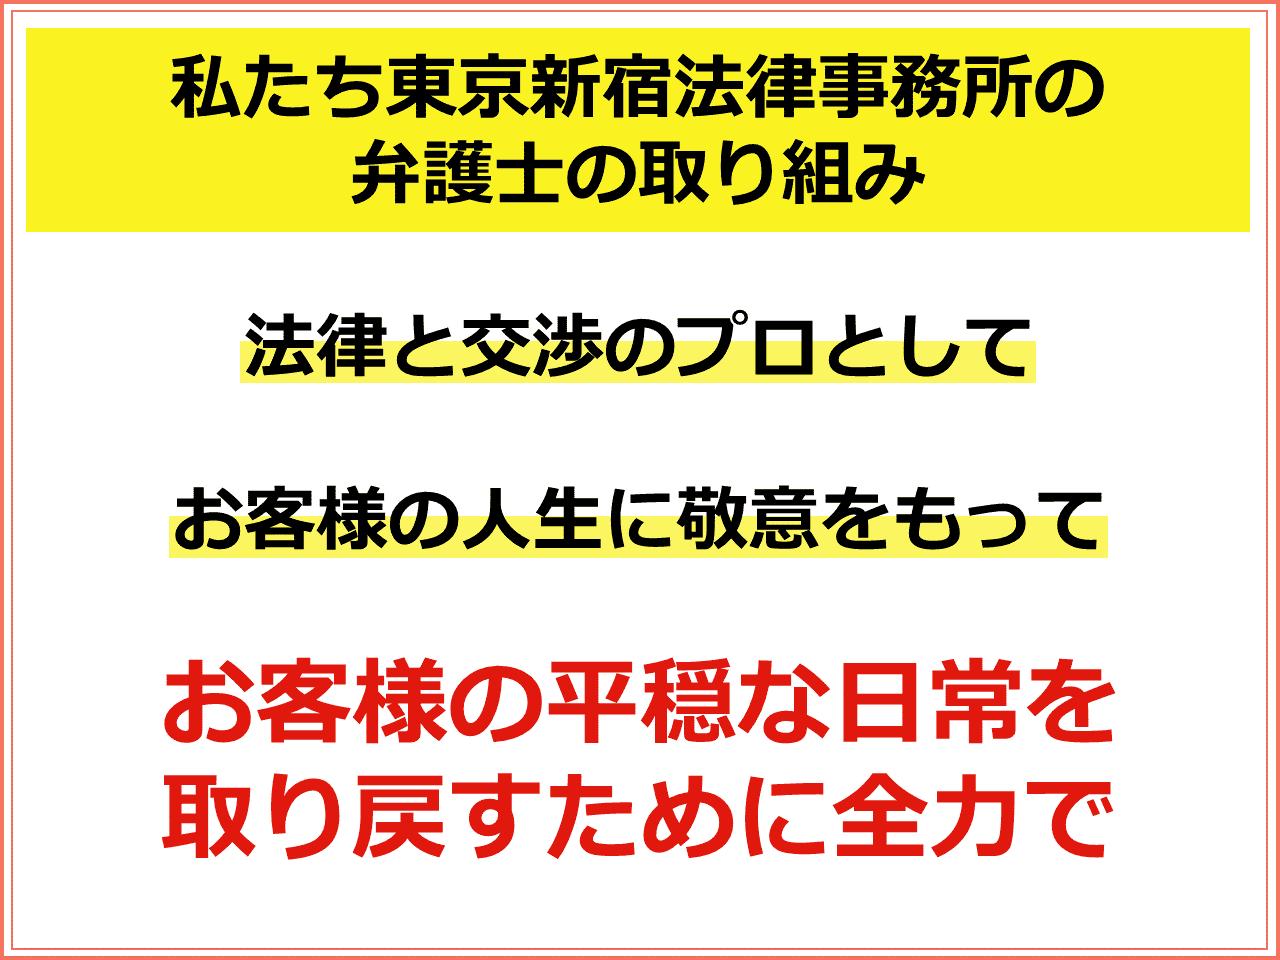 私たち東京新宿法律事務所の弁護士の取り組み:法律と交渉のプロとして、お客様の人生に敬意をもち、お客様の平穏な日常を 取り戻すために全力で相続問題に取り組みます。